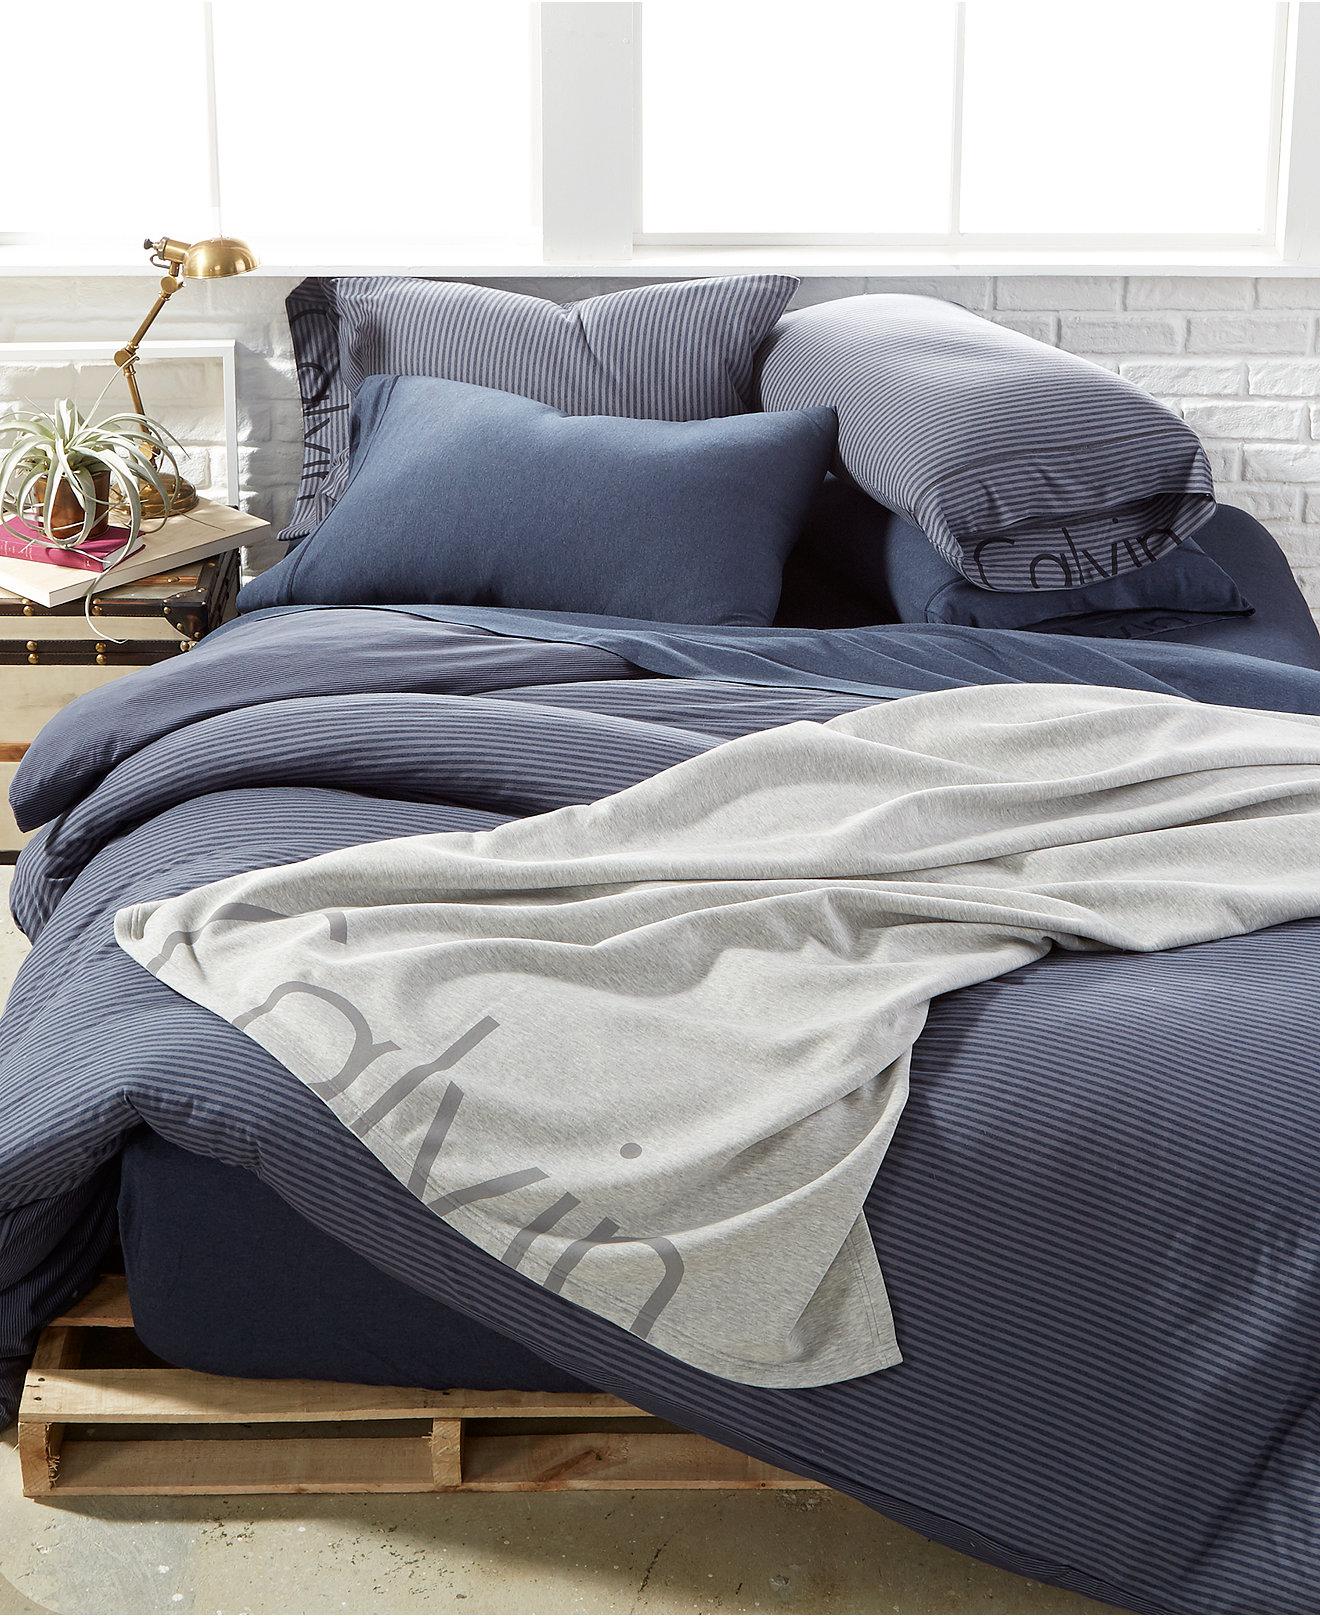 duvet covers  macy's - calvin klein modern cotton pulse duvet covers